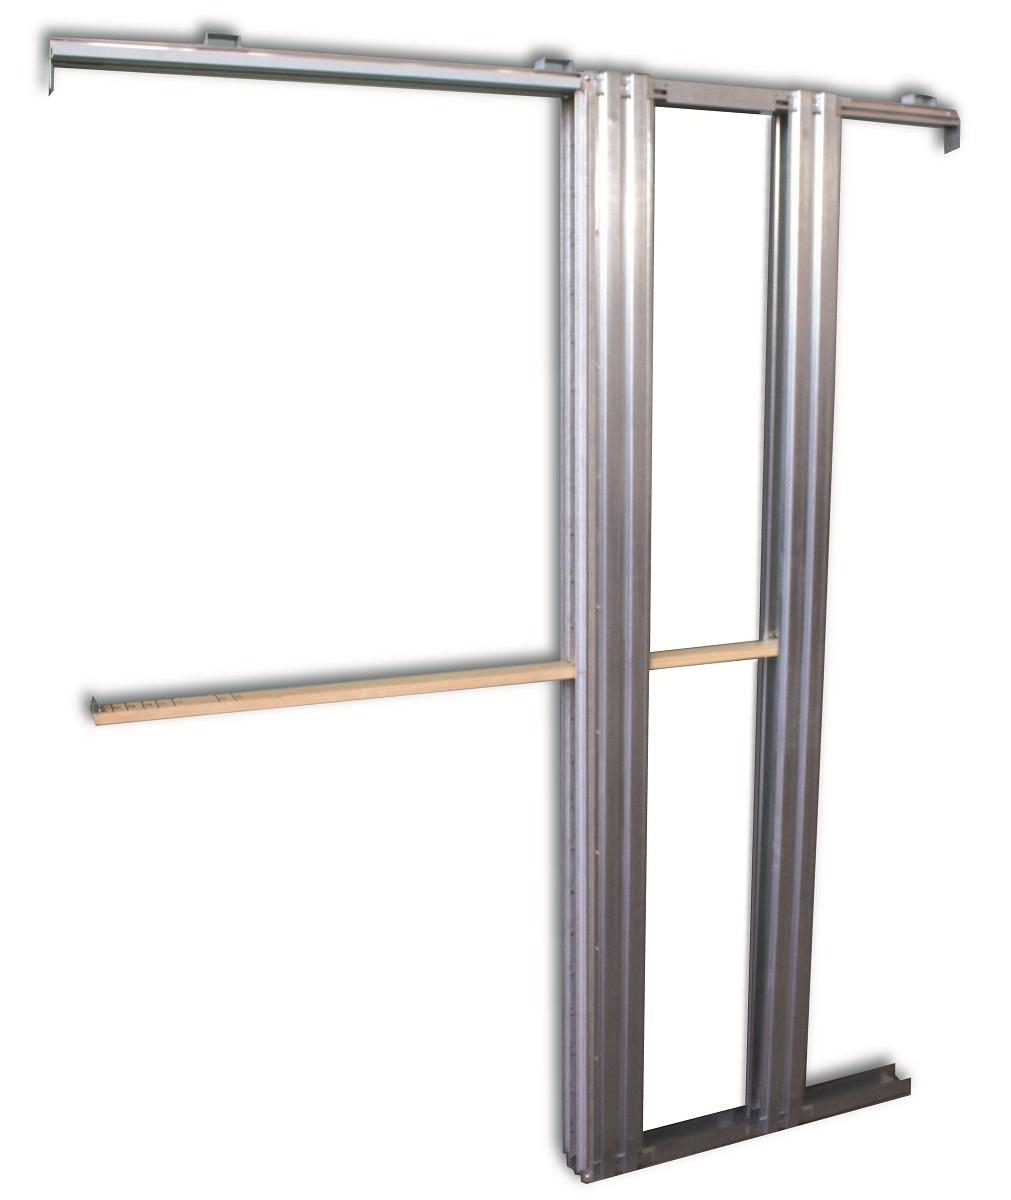 Scrigno stavební pouzdro Doorkit 600÷800x2100 /100 mm jednokřídlé do SDK